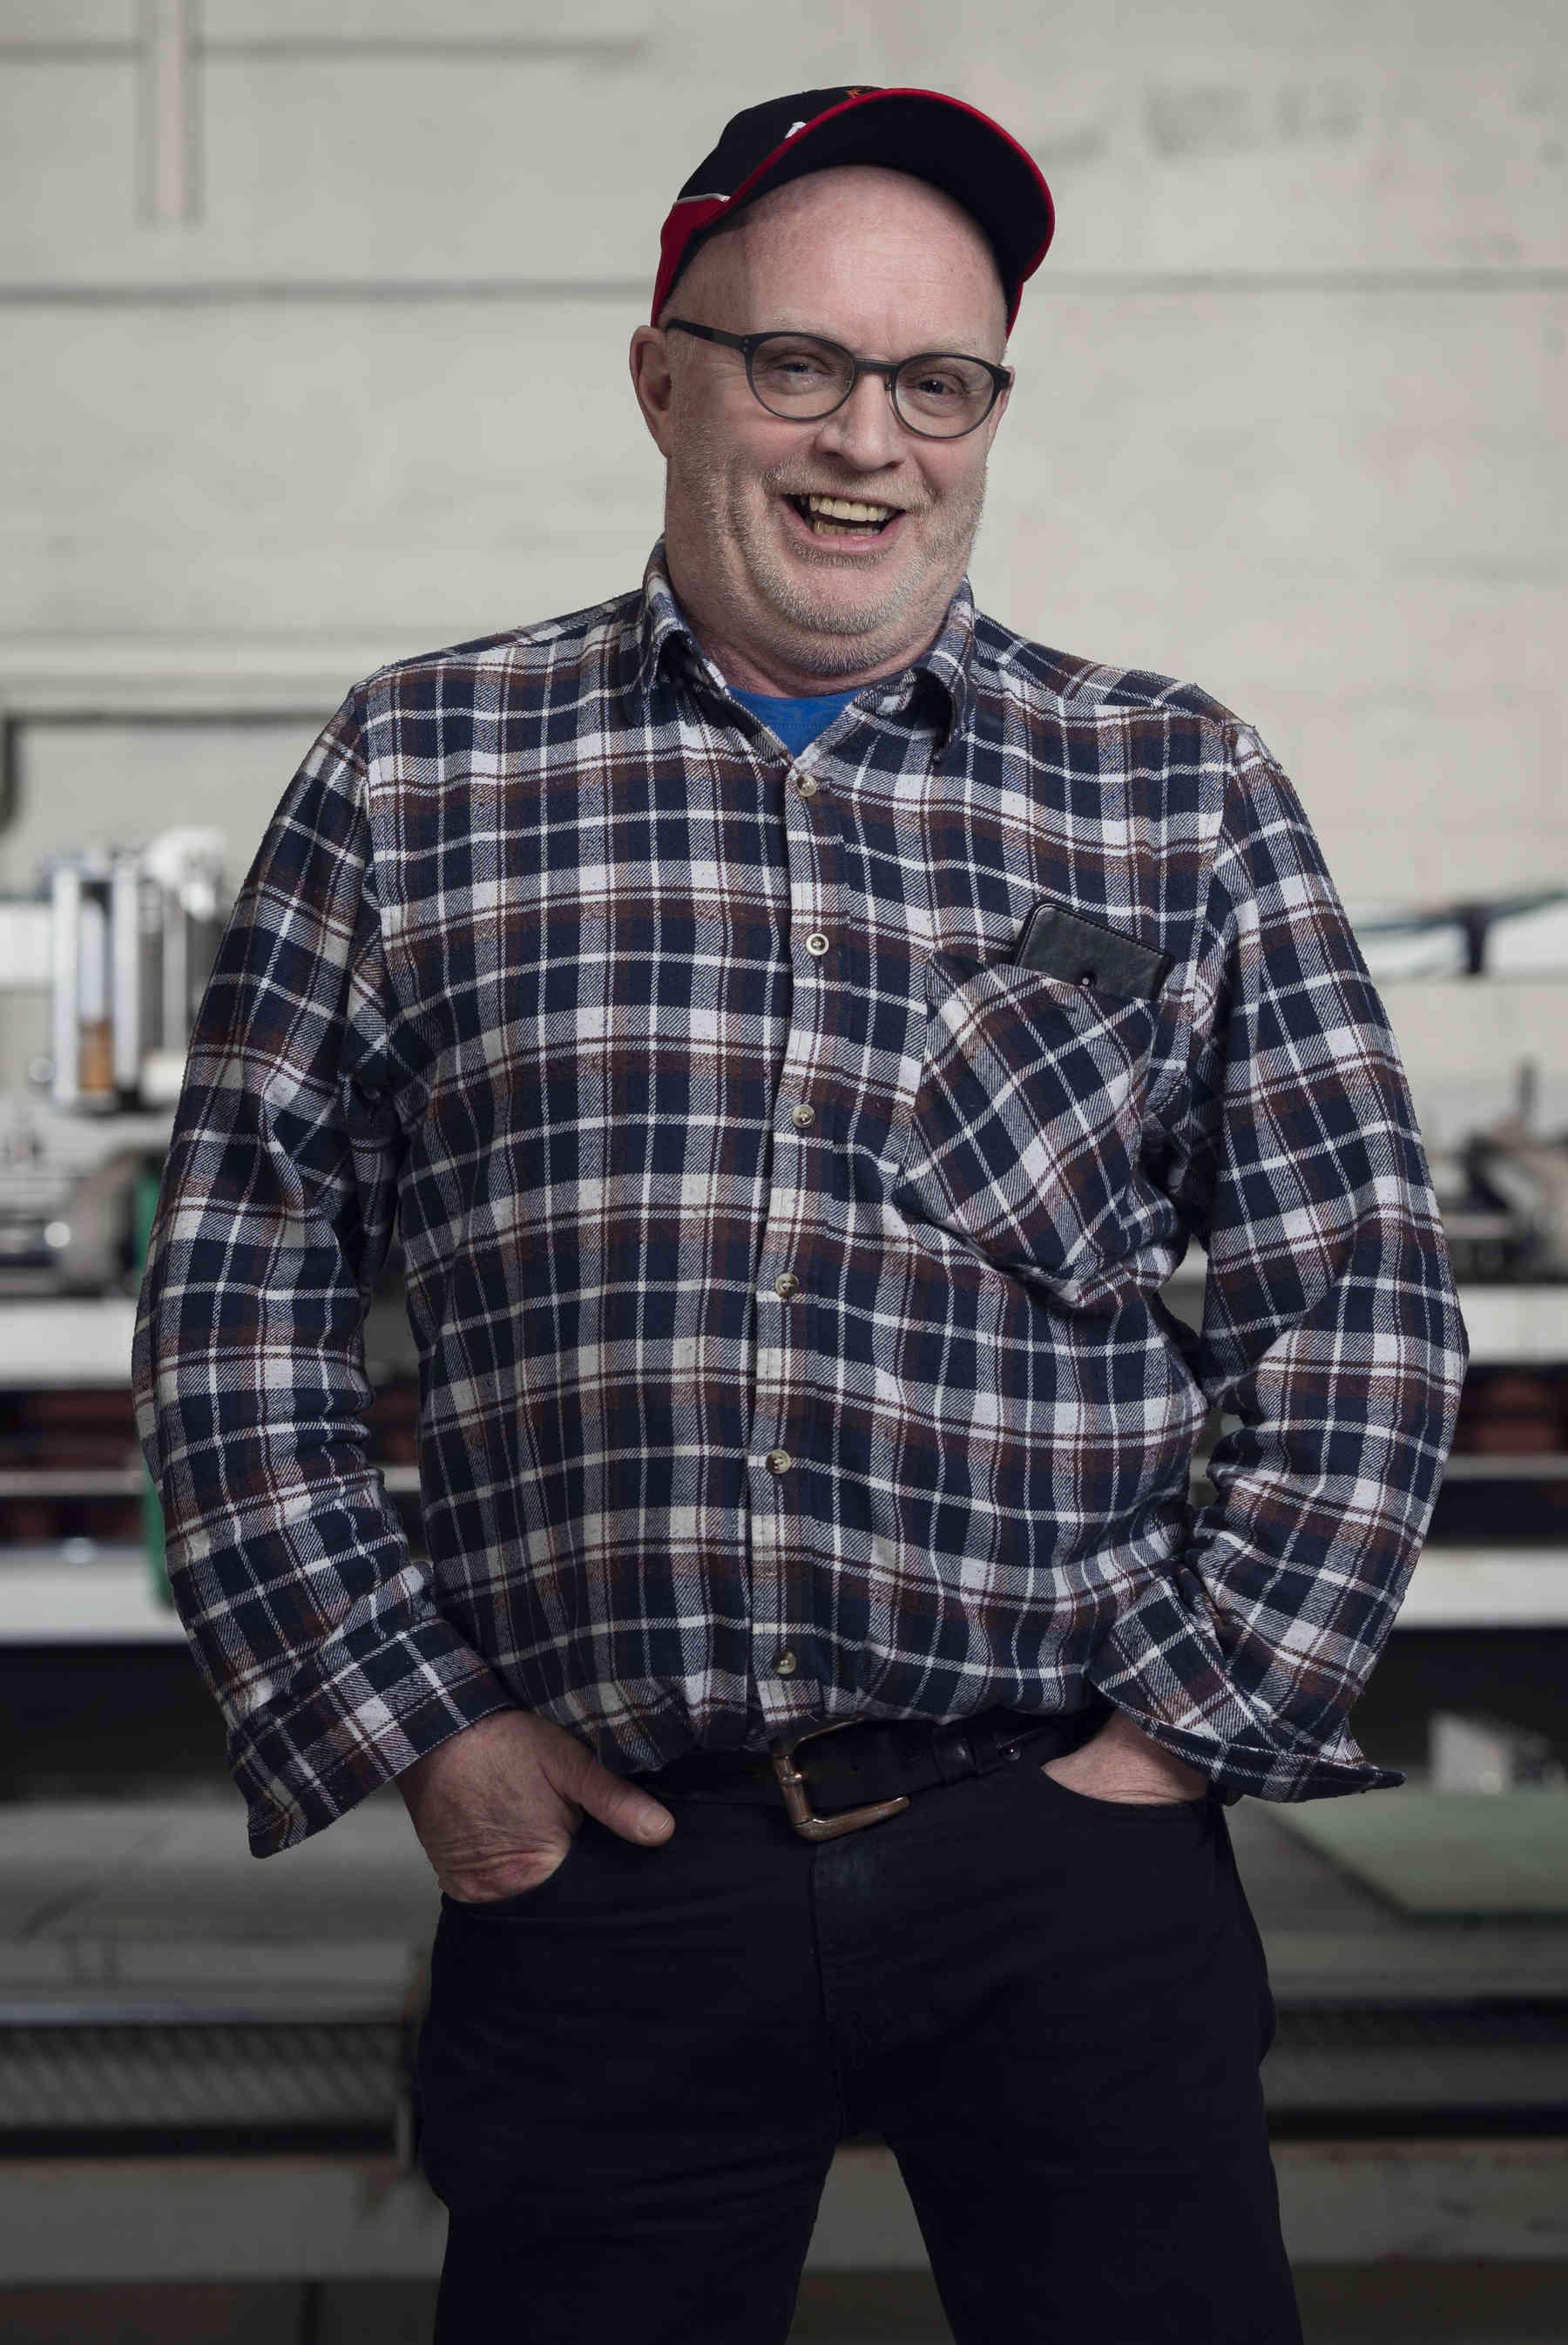 Ole Sverre Haugrud